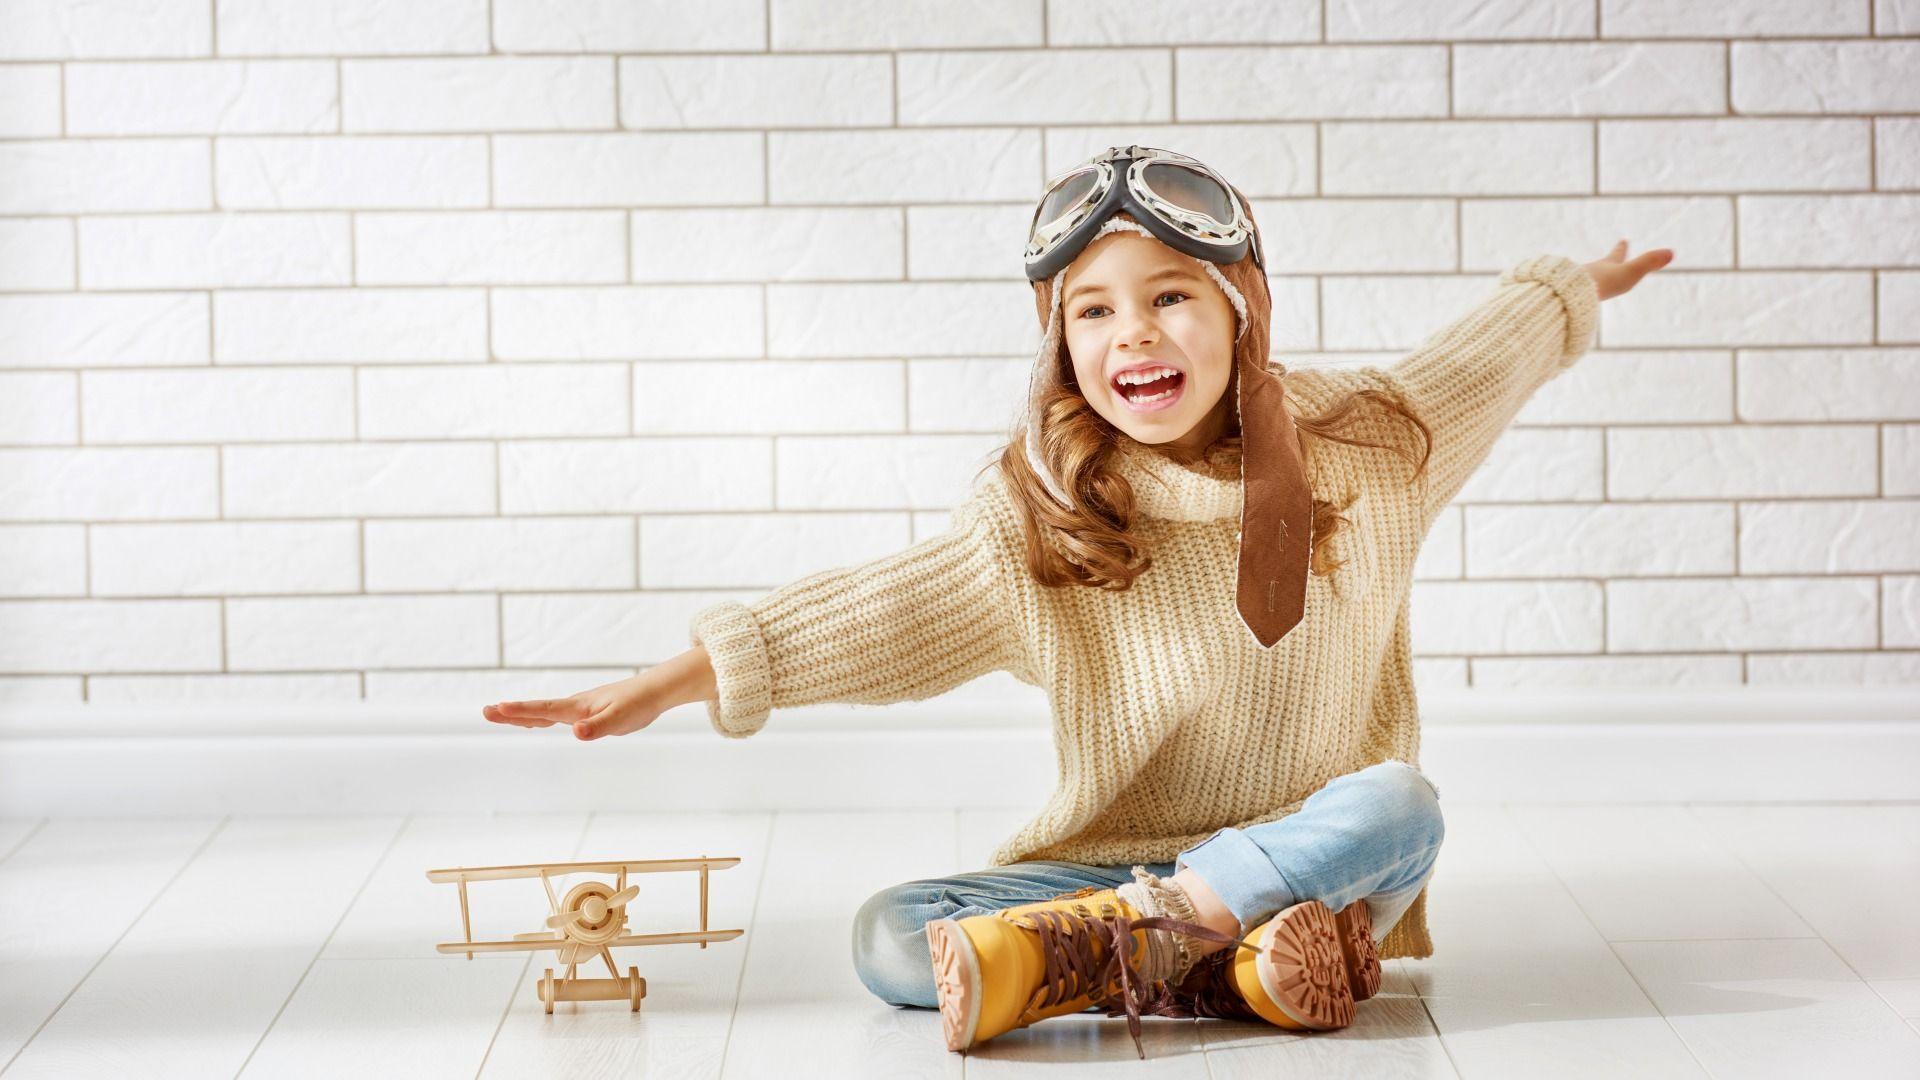 Скачать обои Шлем, Ботинки, Девочка, Очки, Дети, Свитер ...